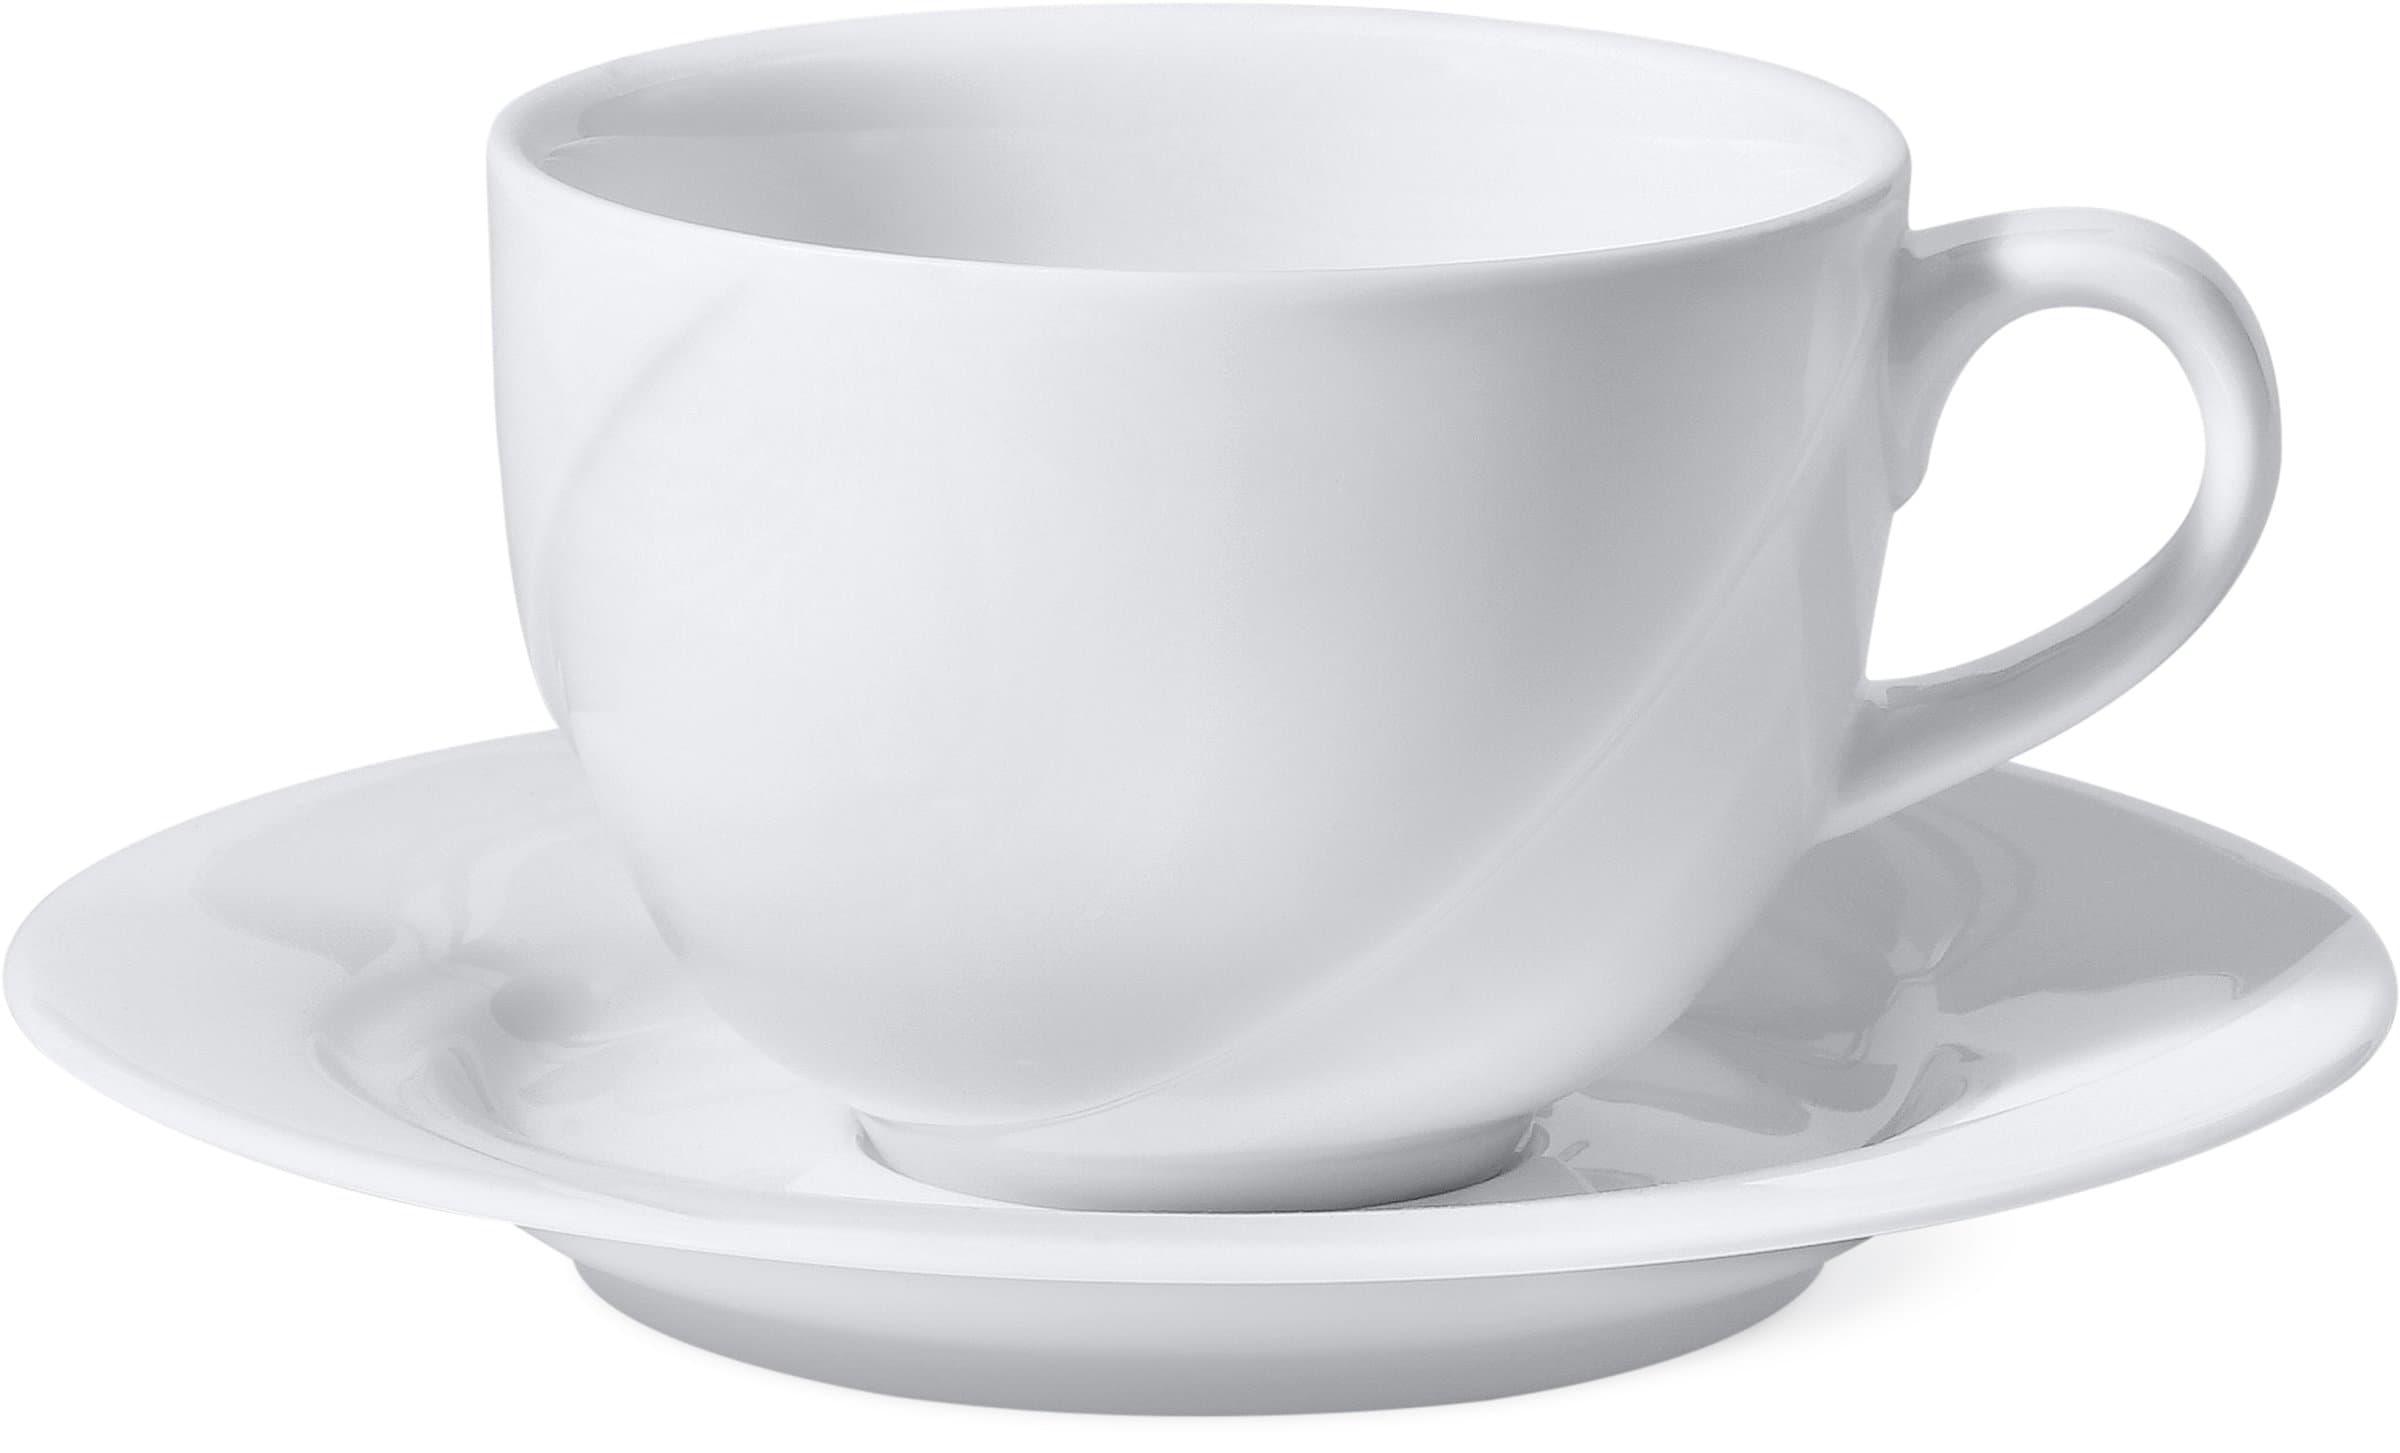 Cucina & Tavola NIKITA Tasse à café avec sous-tasse